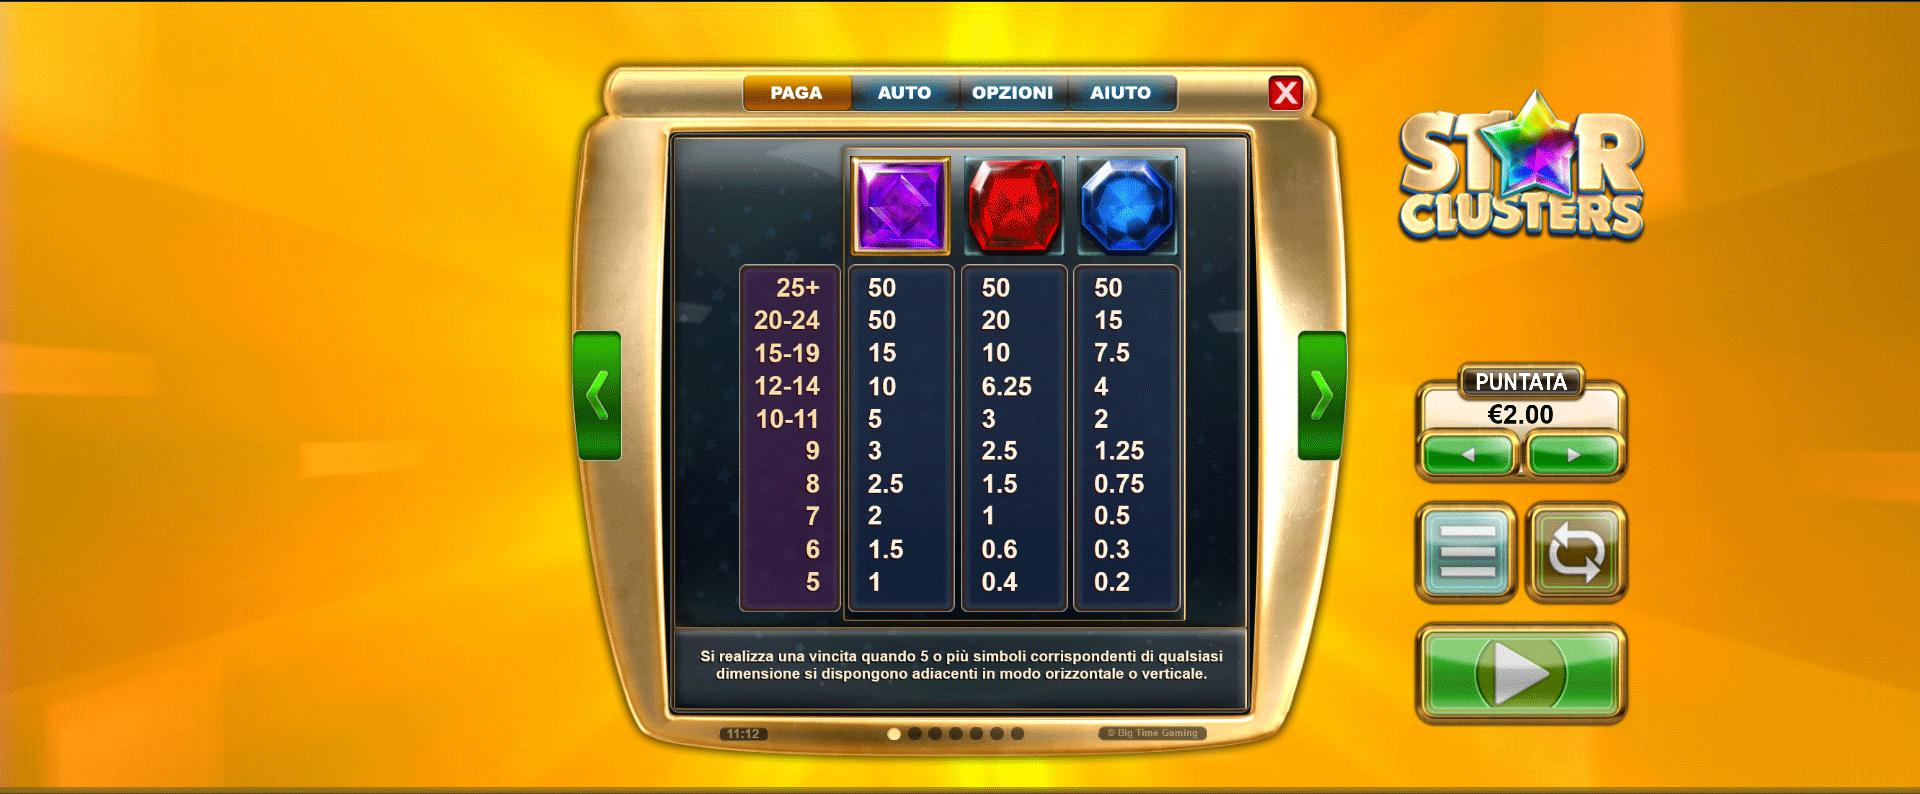 tabella dei pagamenti della slot machine star clusters megaclusters